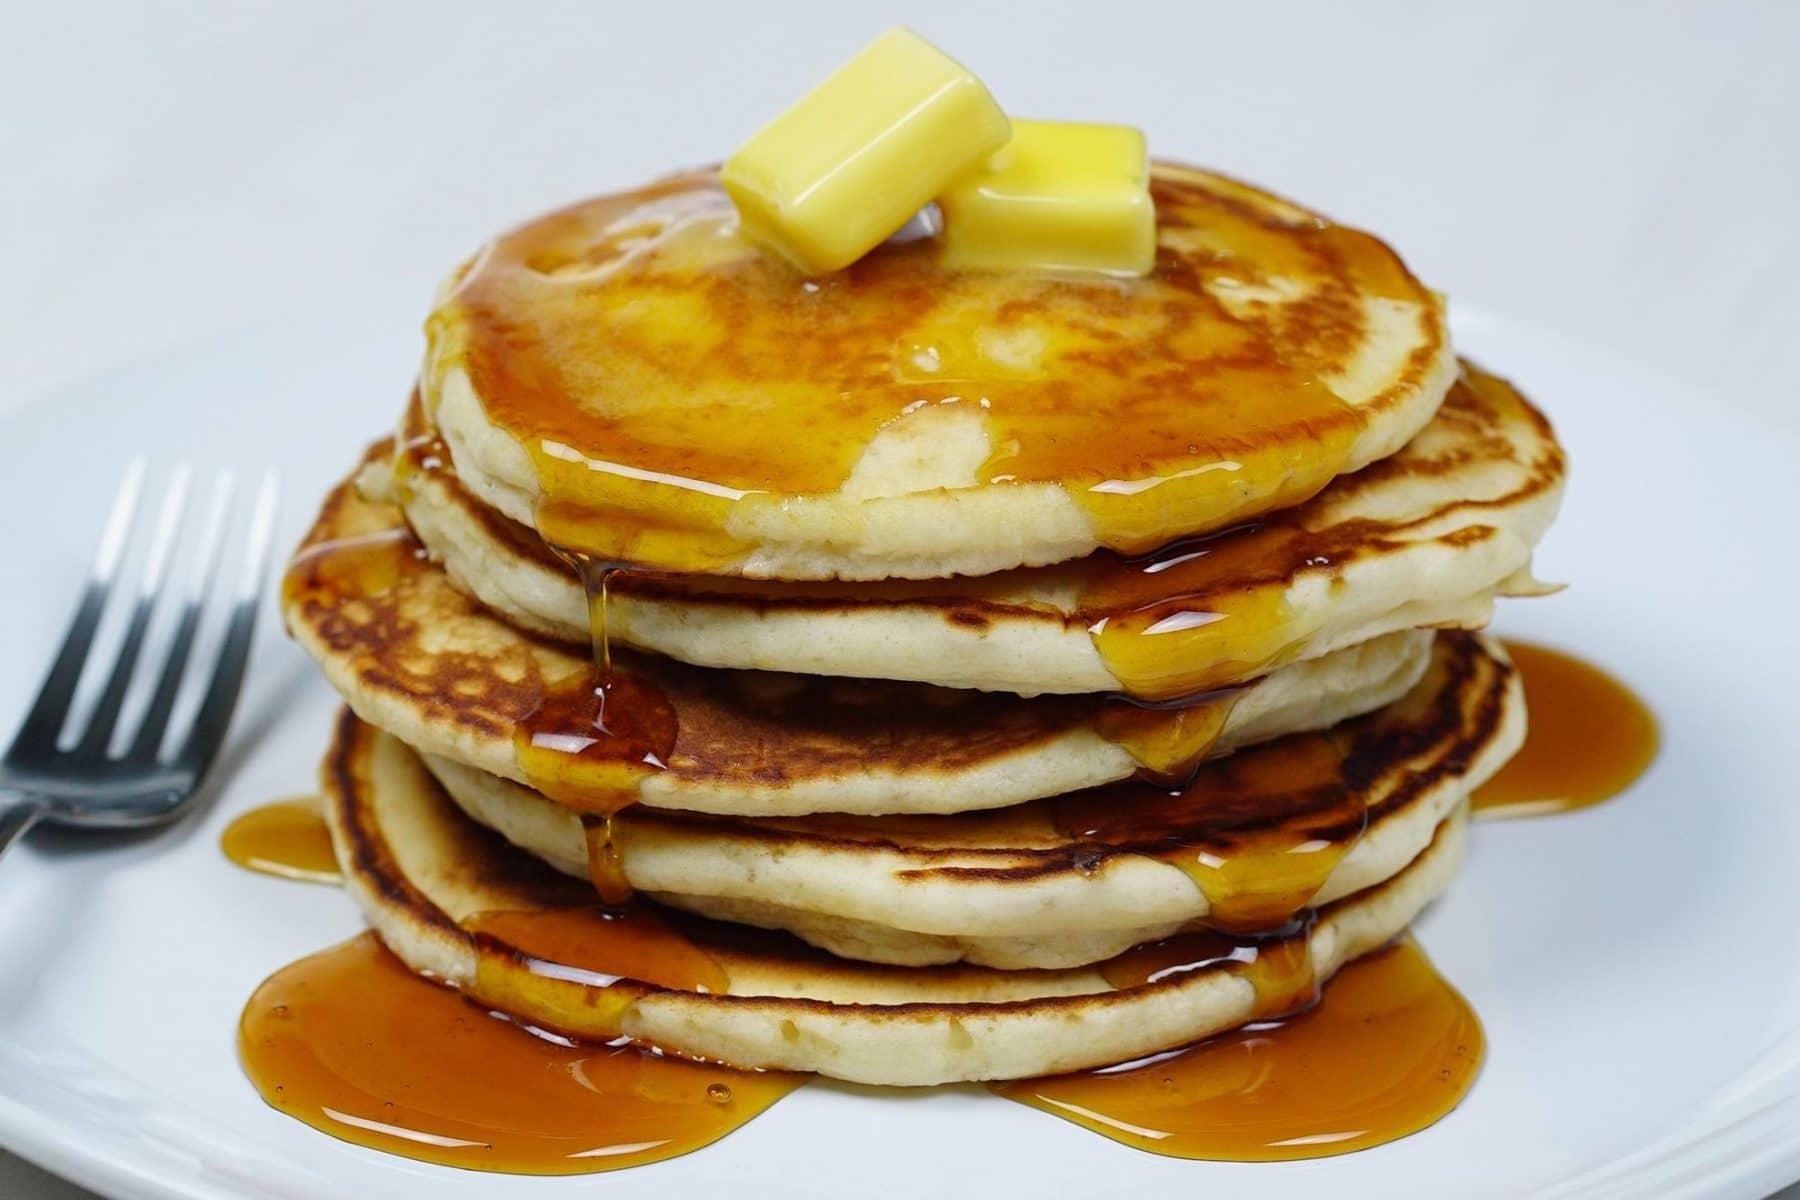 Kiwanis 71st Annual Pancake Day